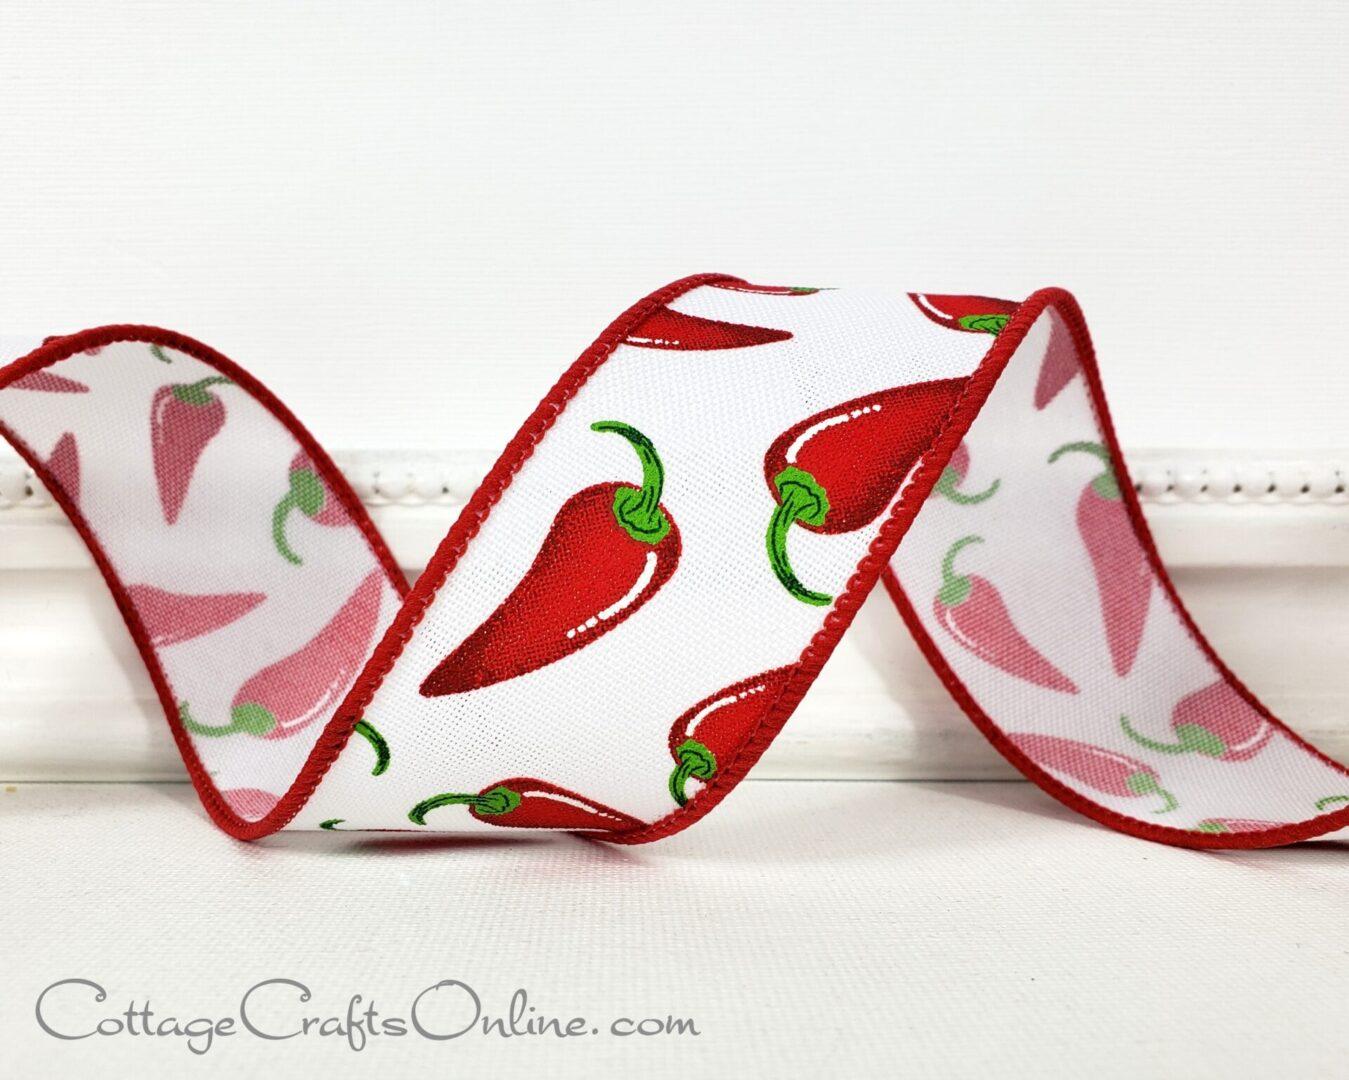 chili pepper red white rr-001